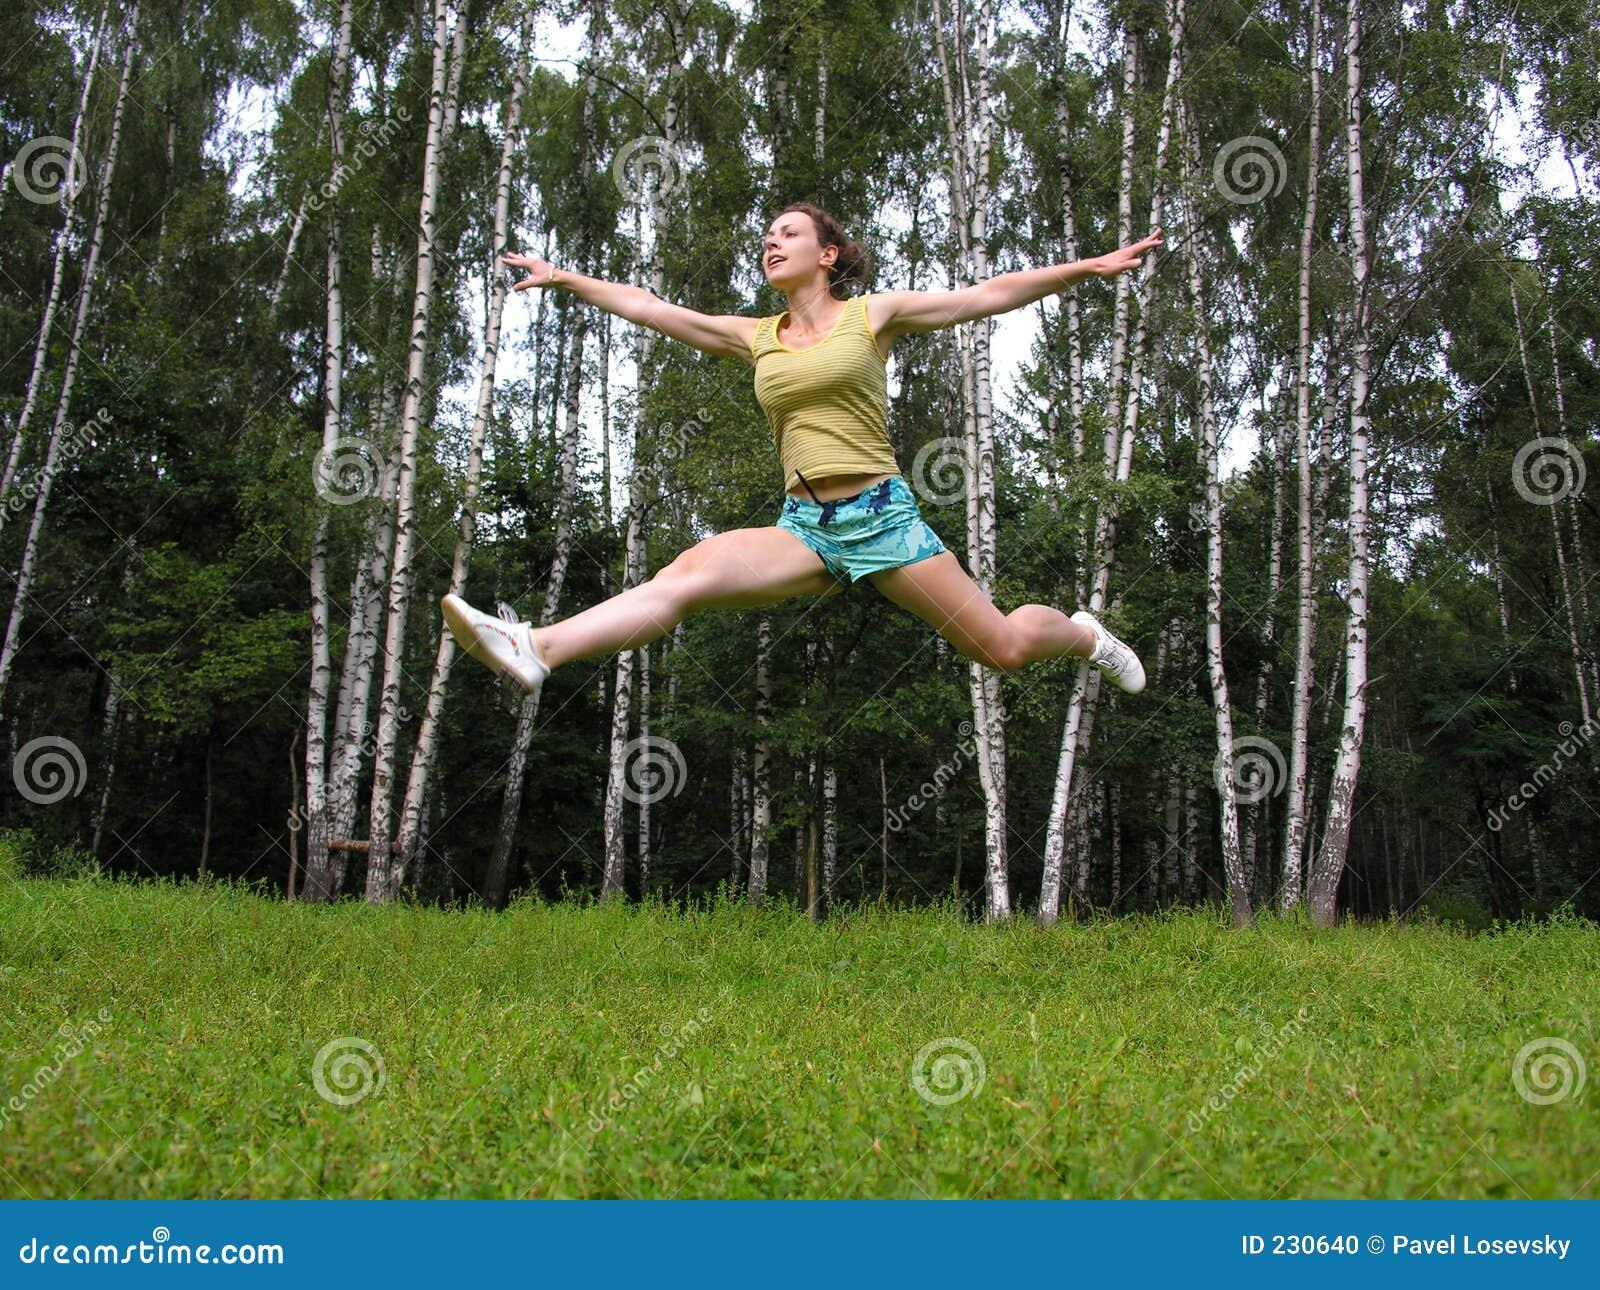 Fly run girl under grass